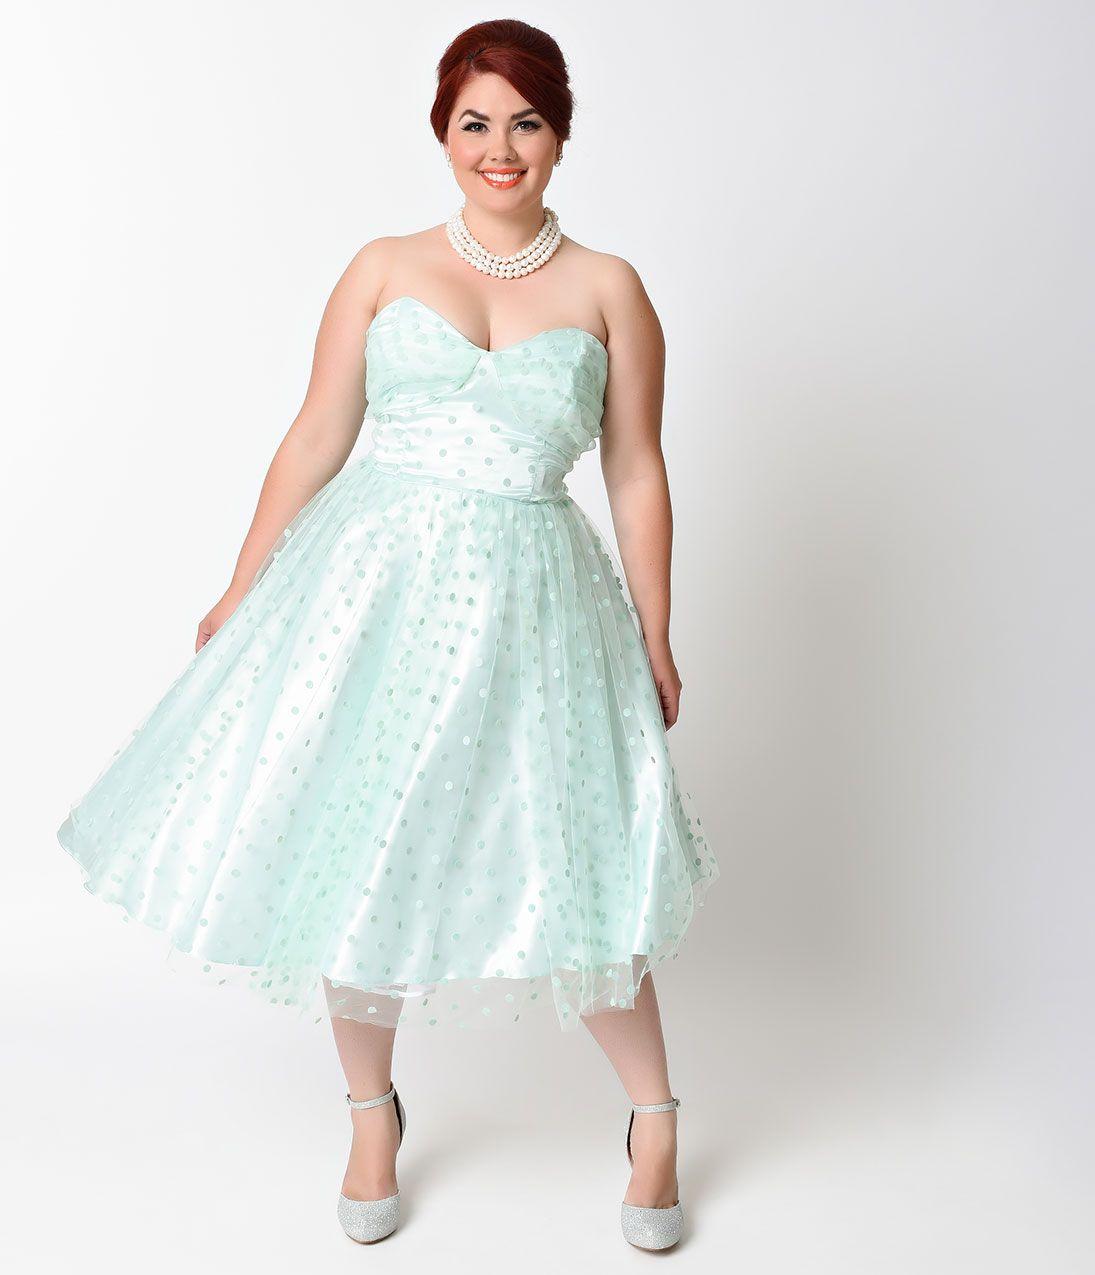 665f3bae4de7 Unique Vintage Plus Size 1950s Mint Swiss Dot Dandridge Strapless Swing  Dress $98.00 AT vintagedancer.com